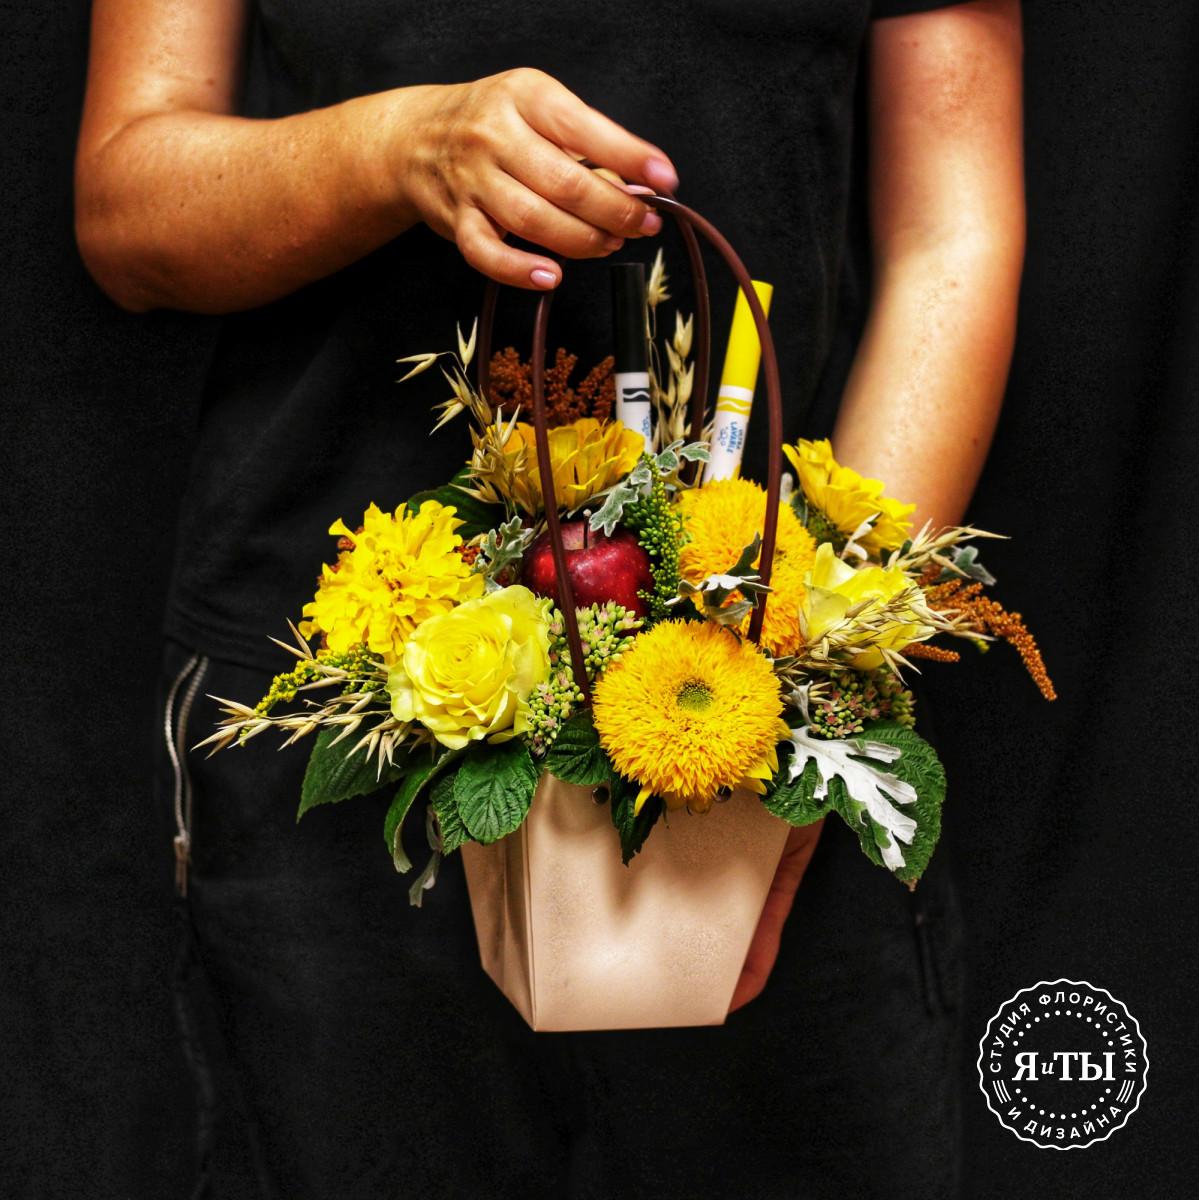 Яркая композиция в сумочке с подсолнухами